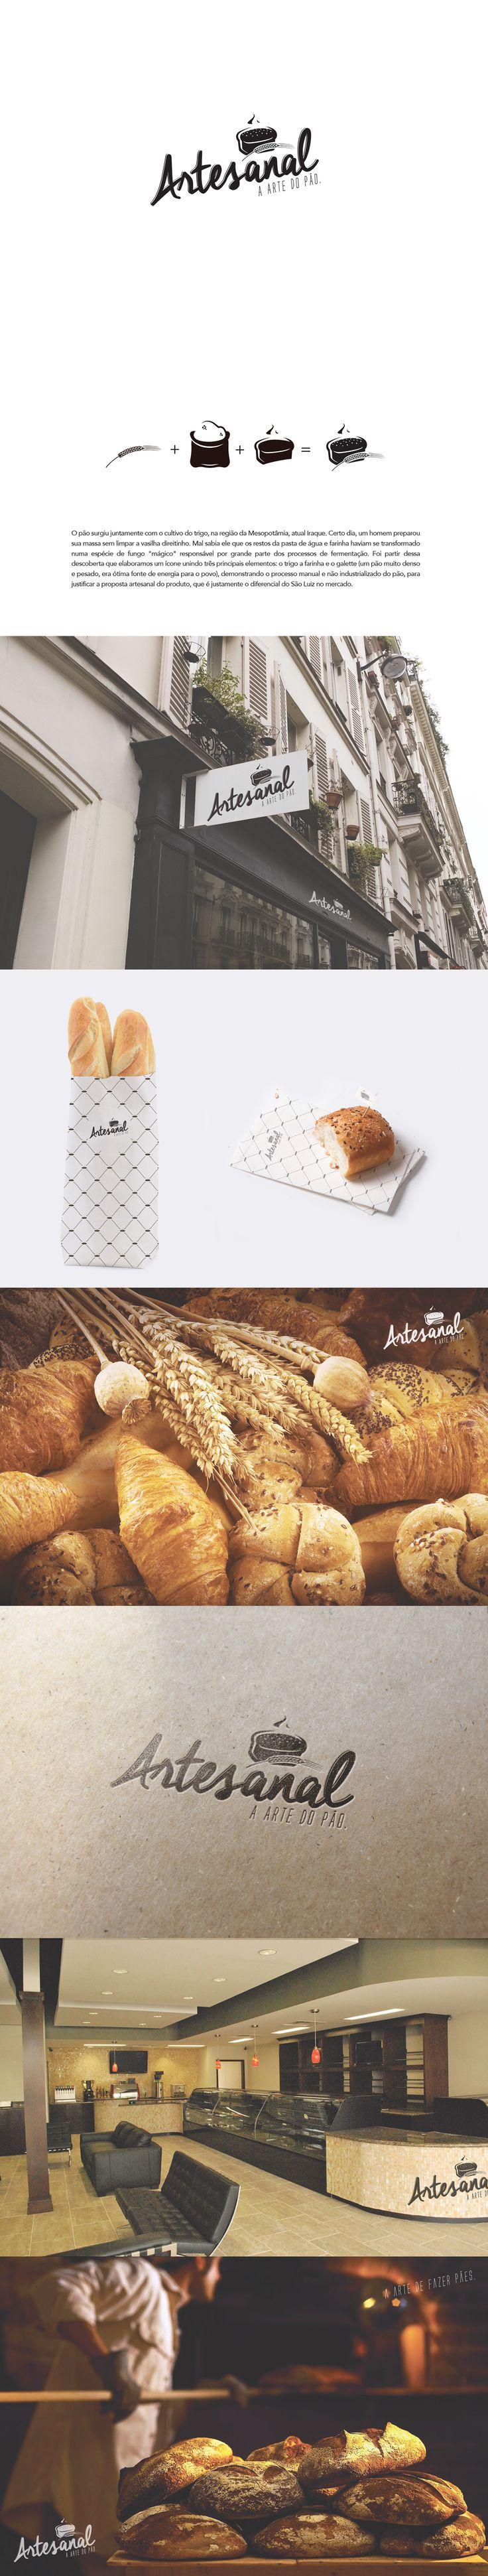 Branding Bakery Artesanal on Behance                                                                                                                                                                                 More